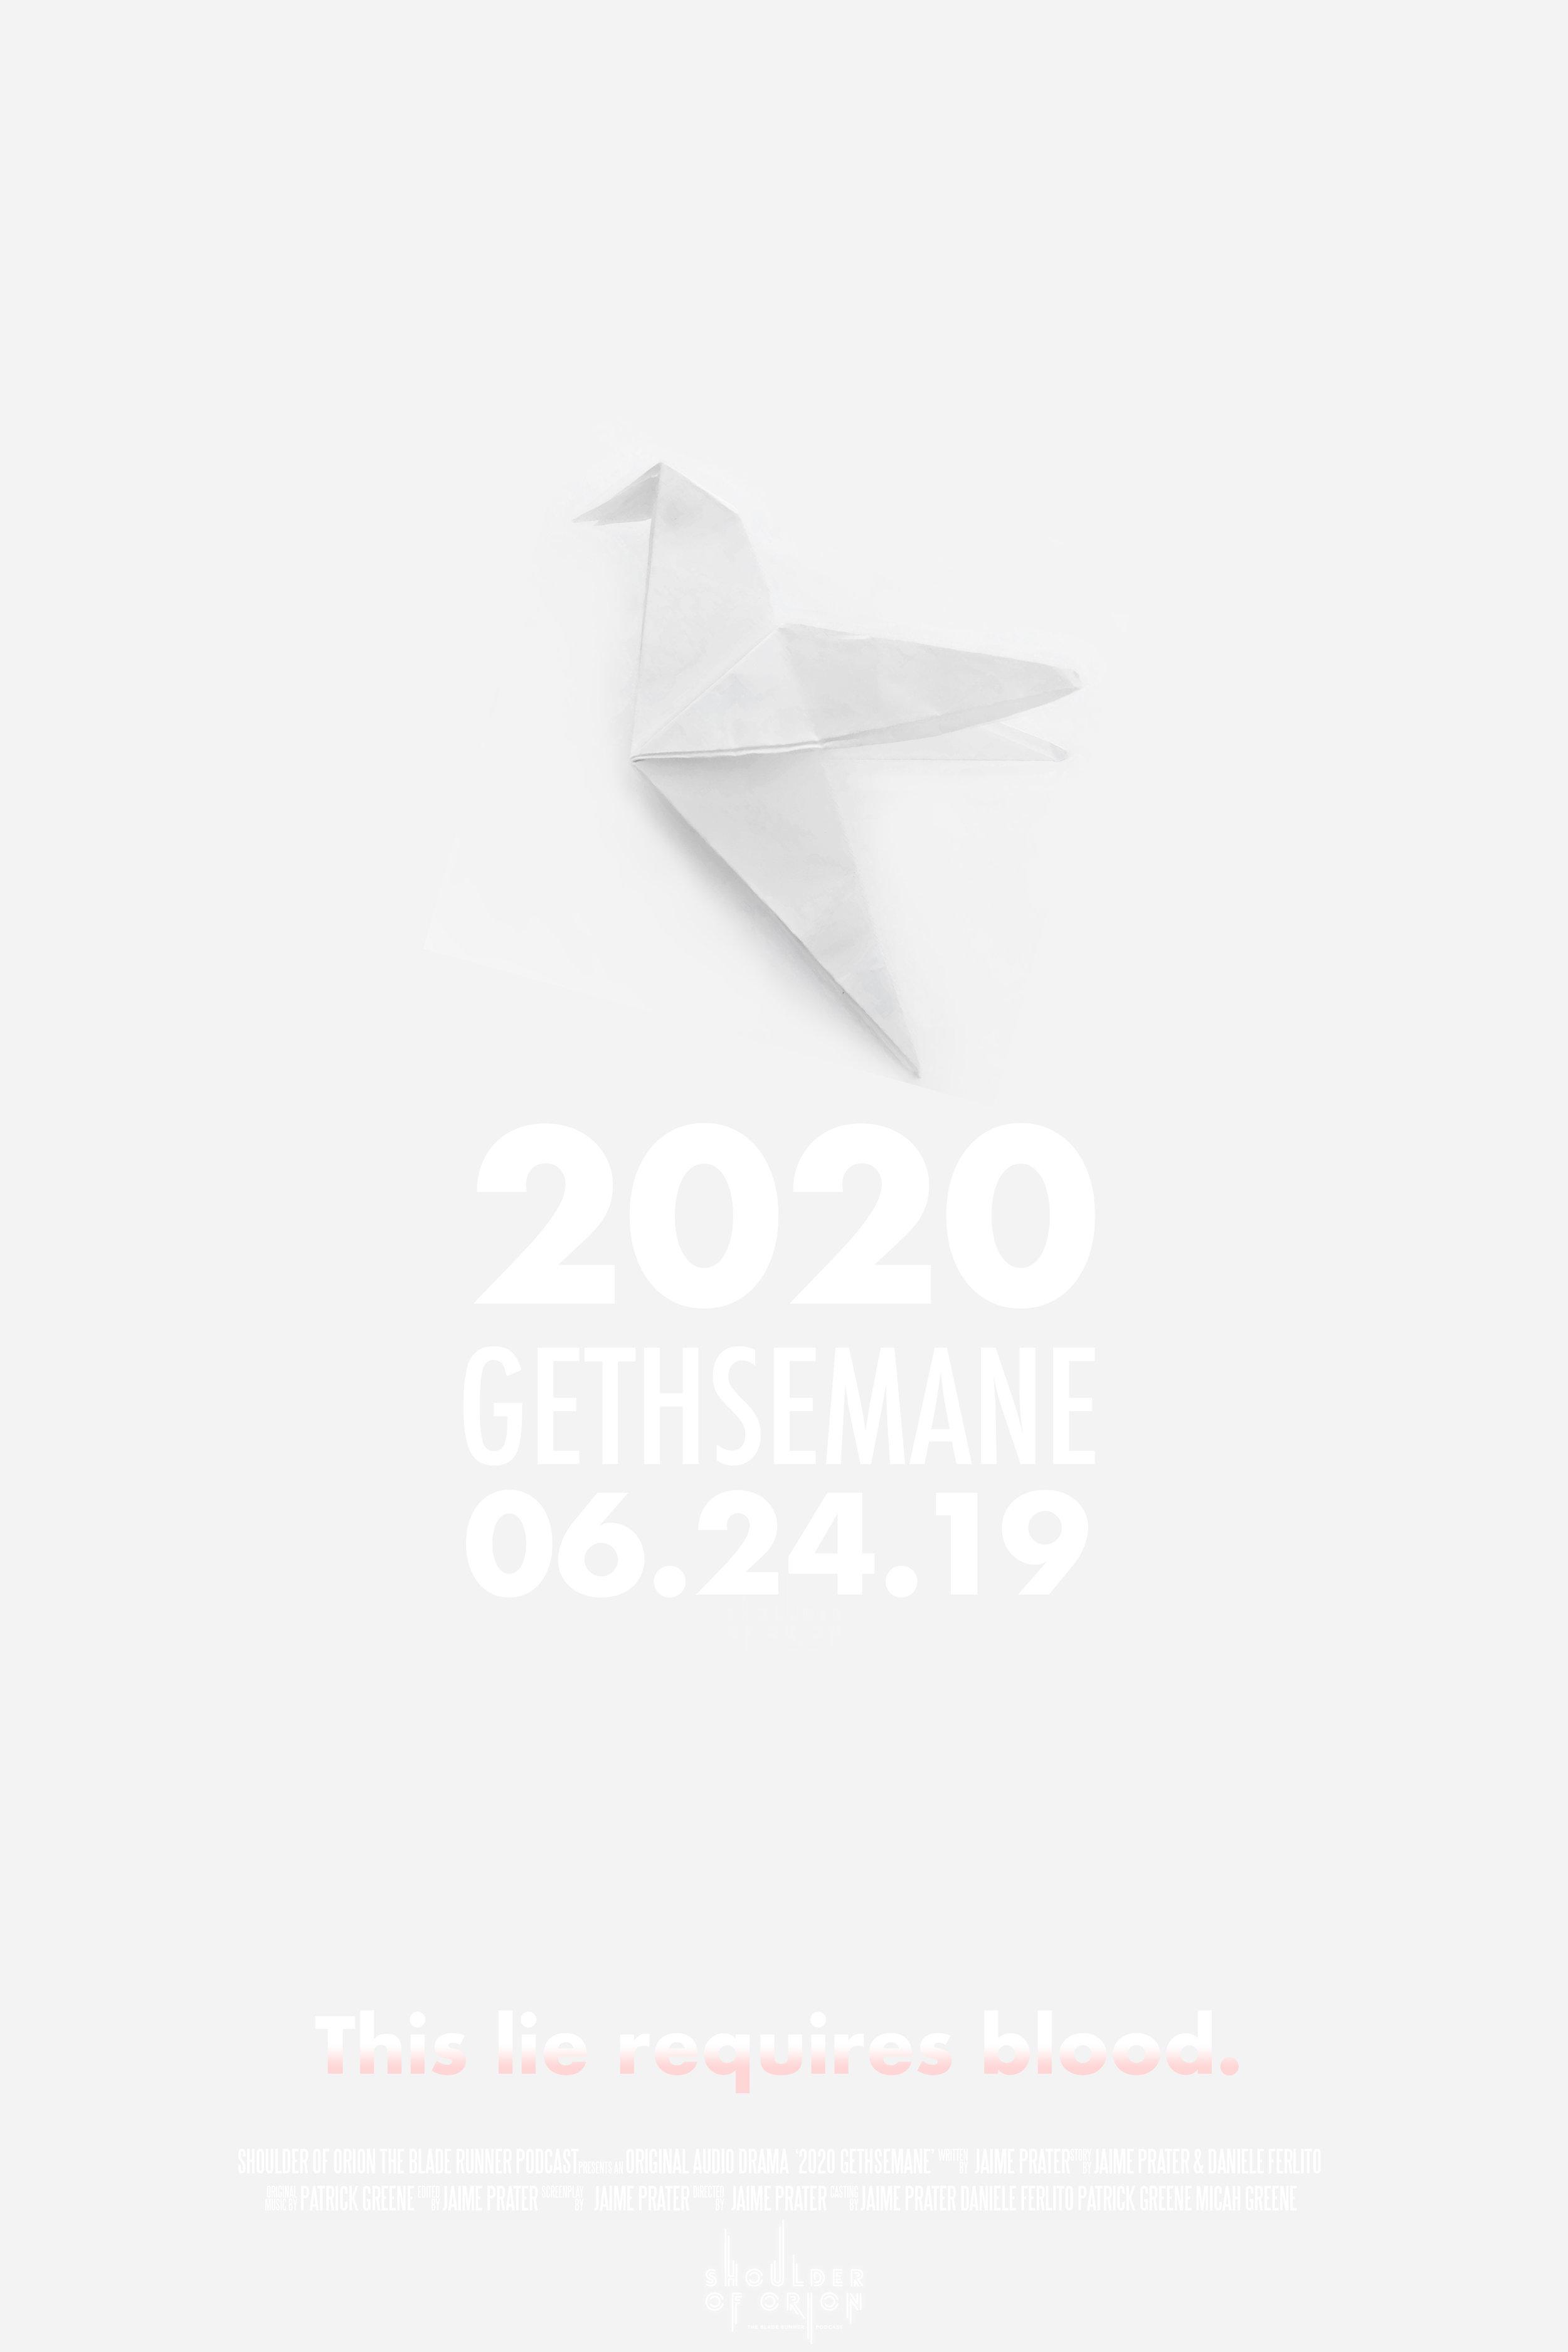 Gethsemane White Poster.jpg